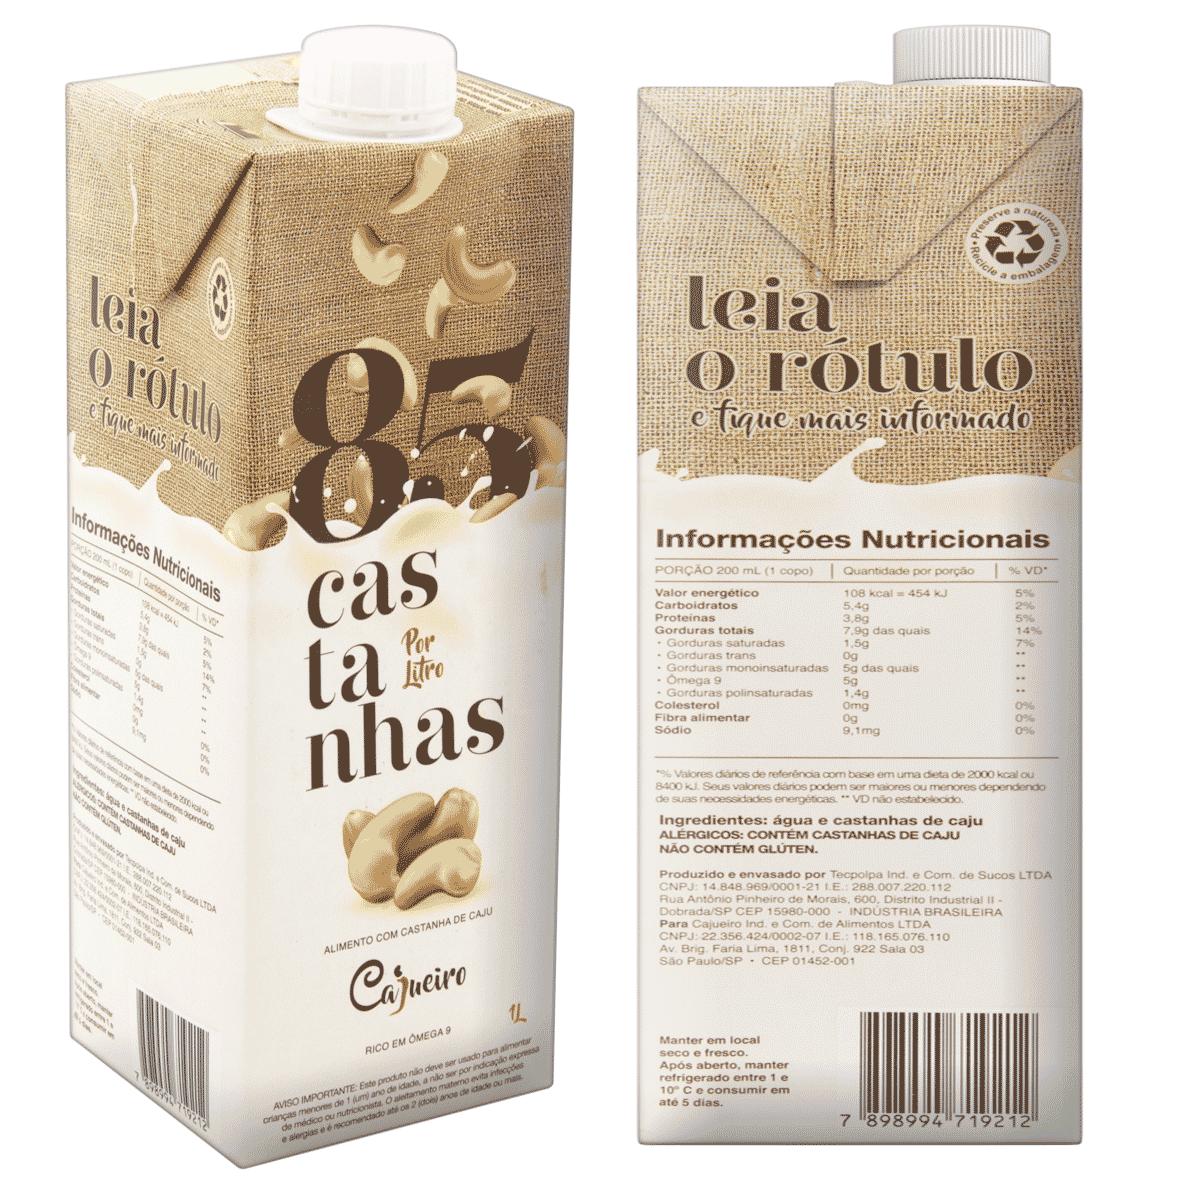 Leite Vegetal Cajueiro 85 Castanhas - Castanha de Caju 1lt.